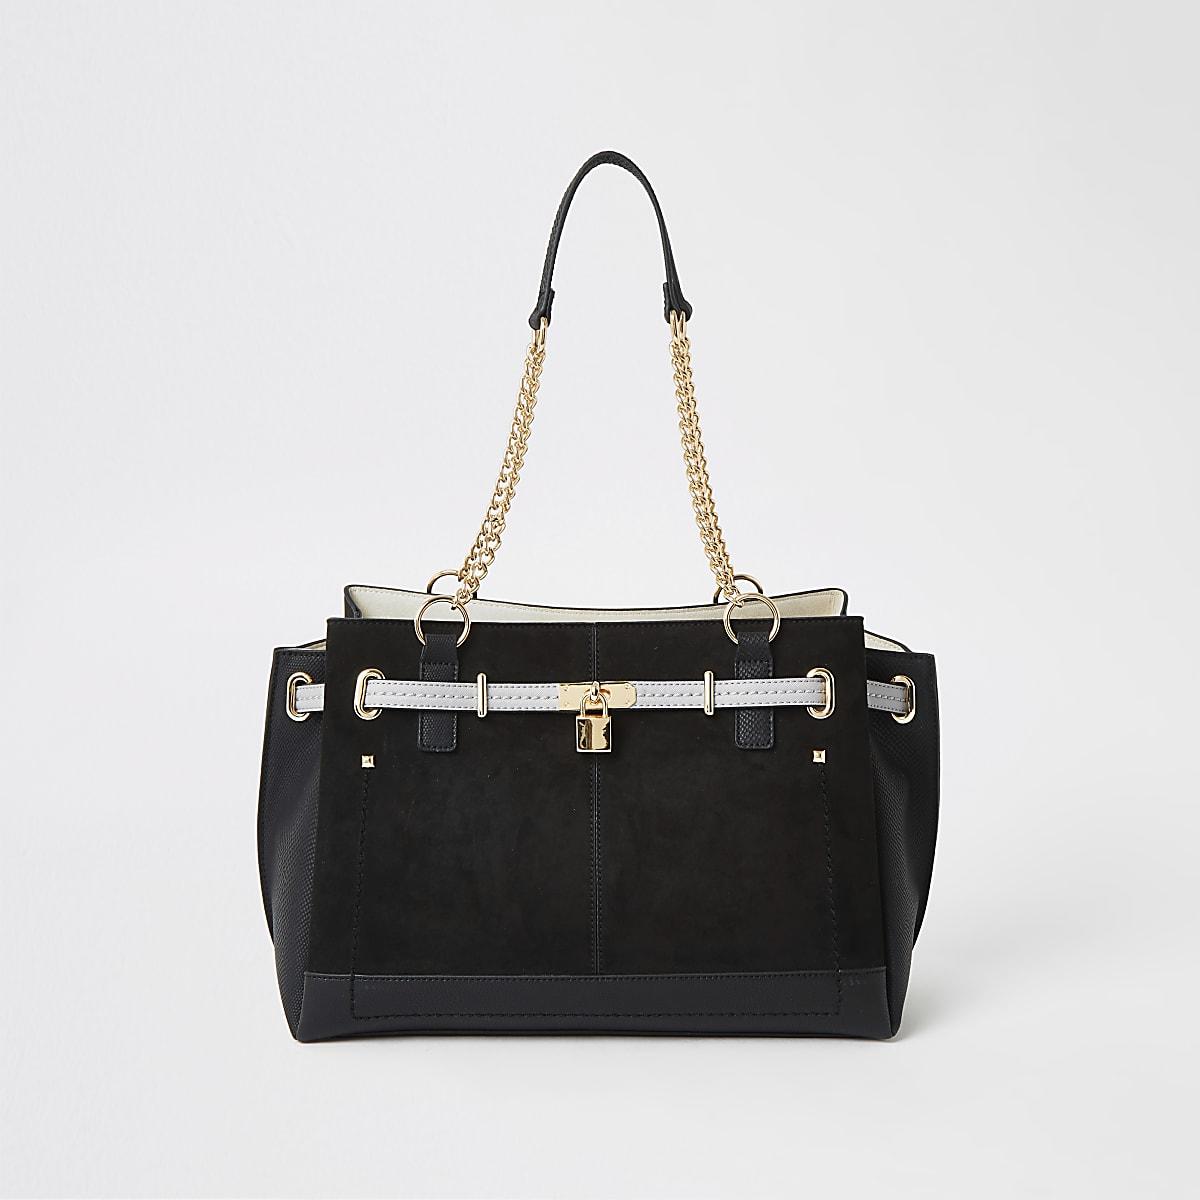 Black padlock tote bag